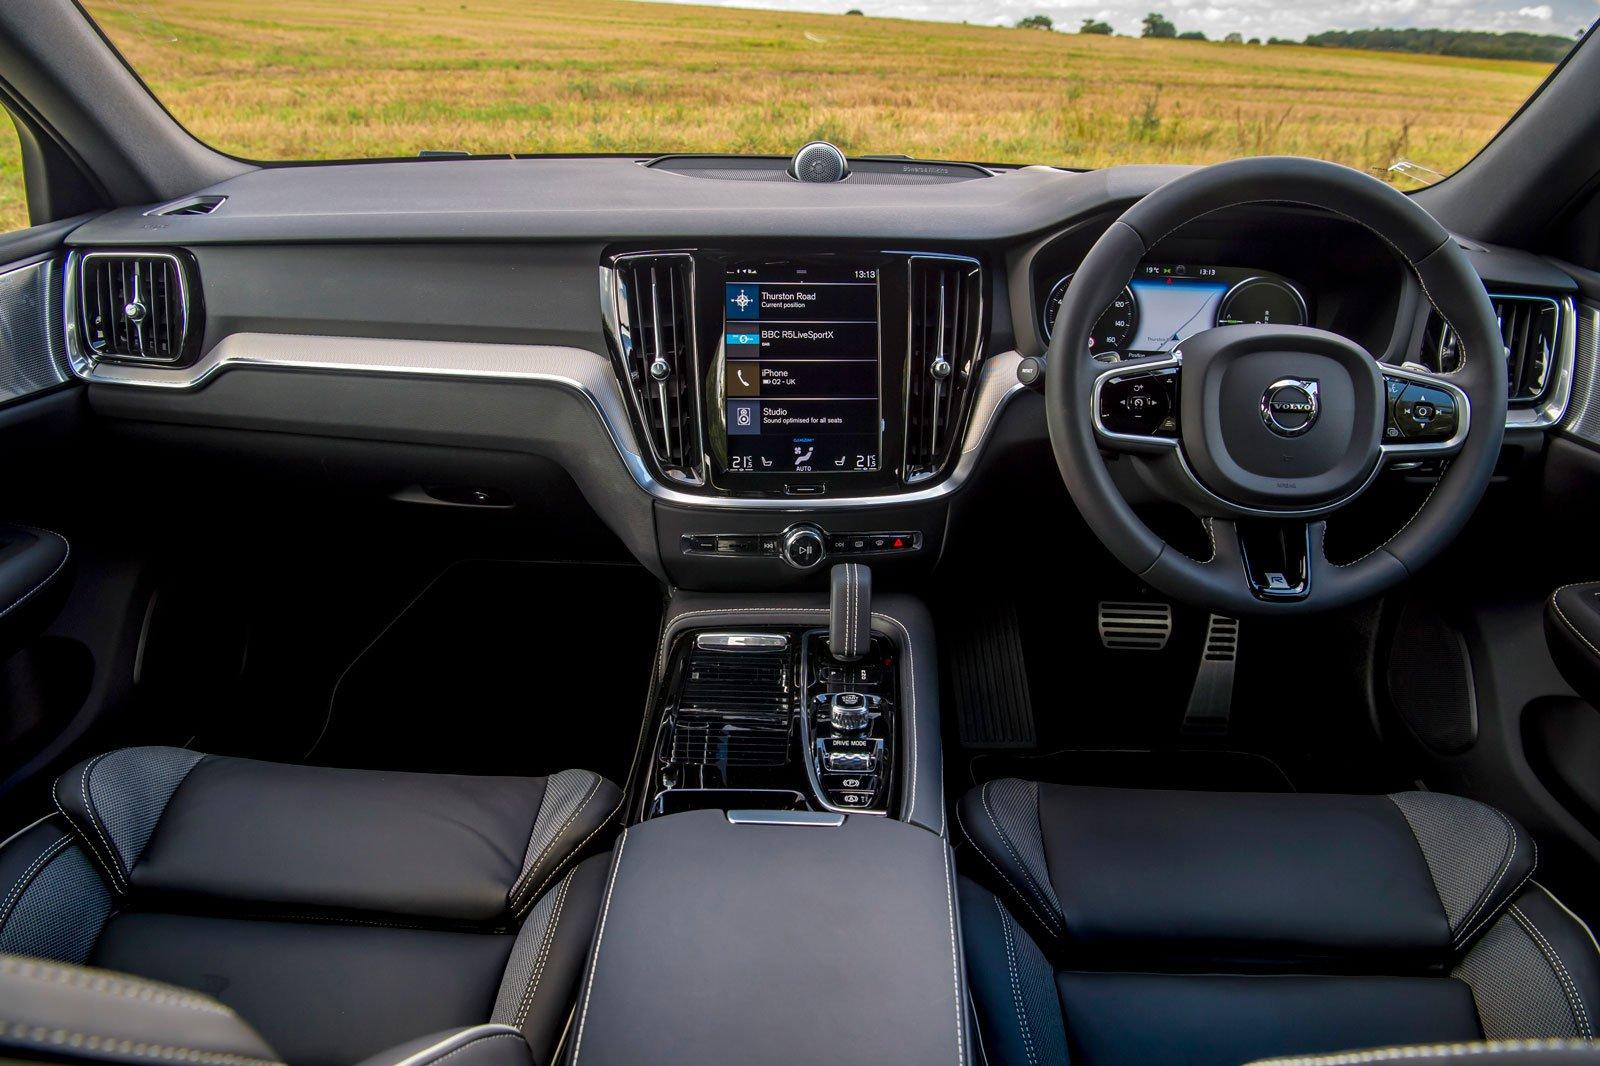 2019 volvo s60 t8 interior dashboard